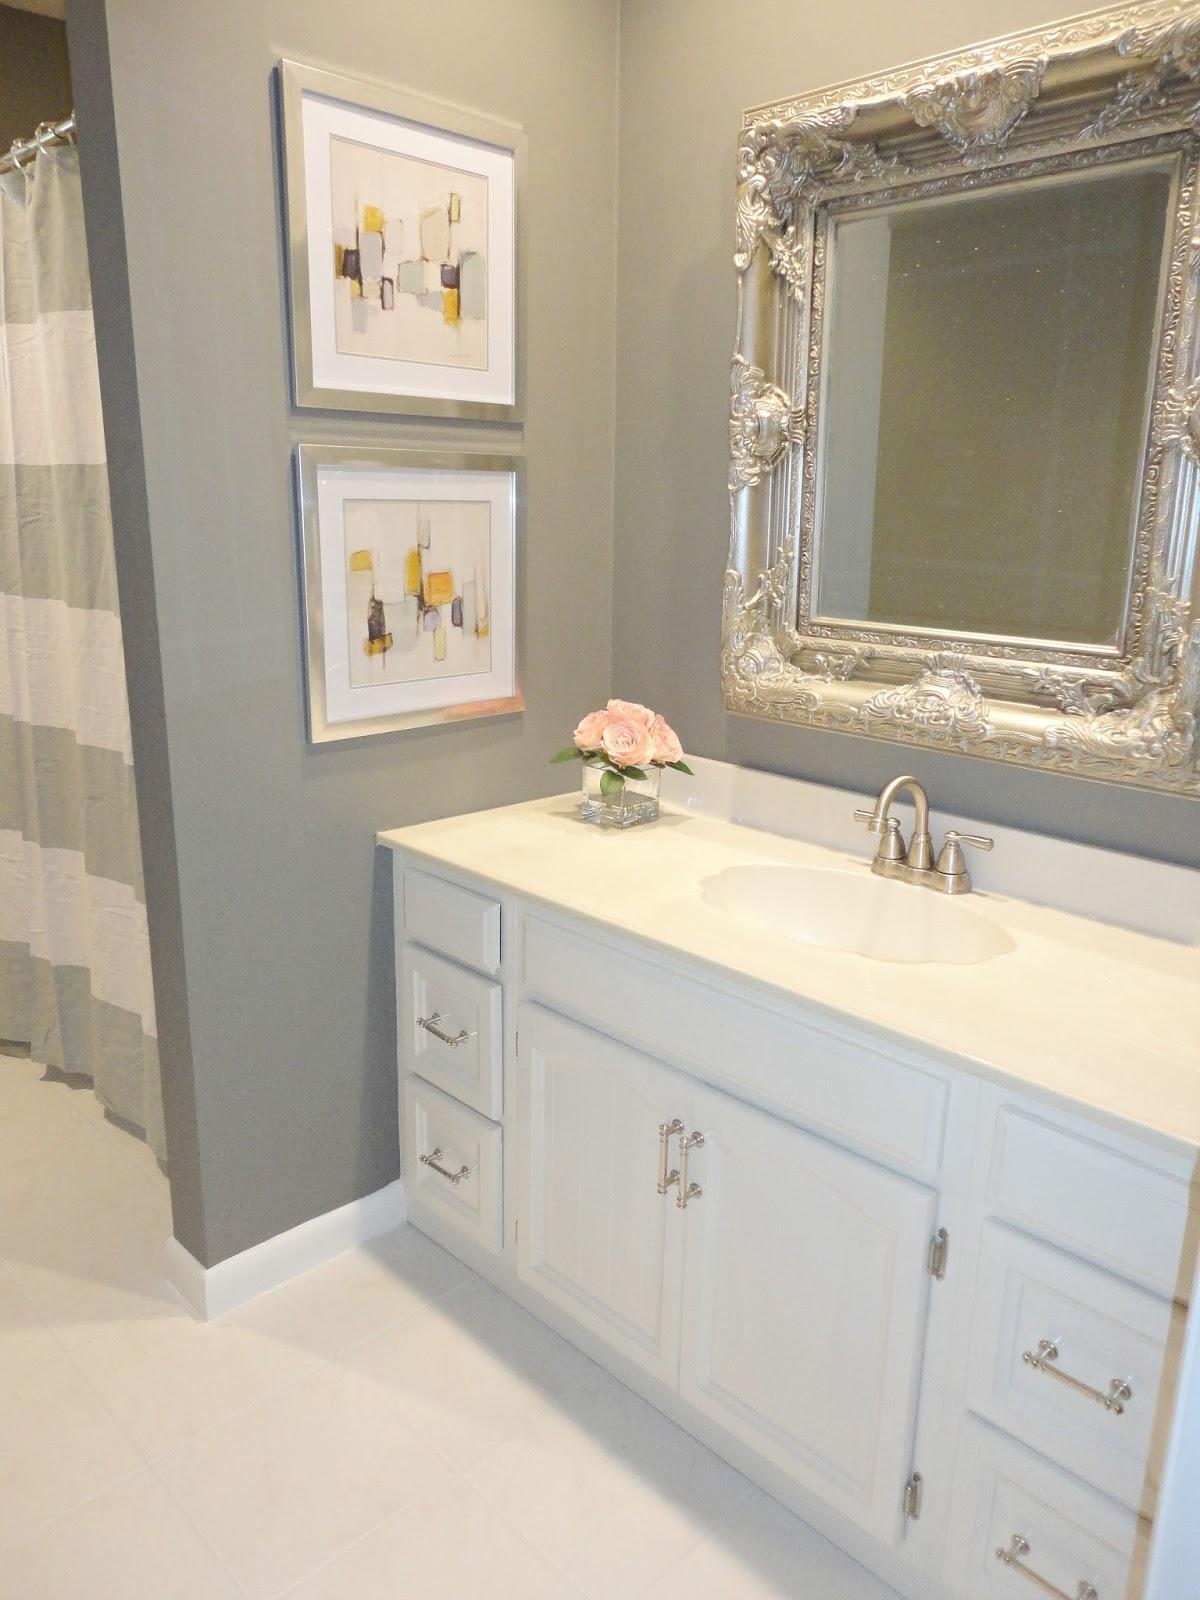 LiveLoveDIY: DIY Bathroom Remodel on a Budget